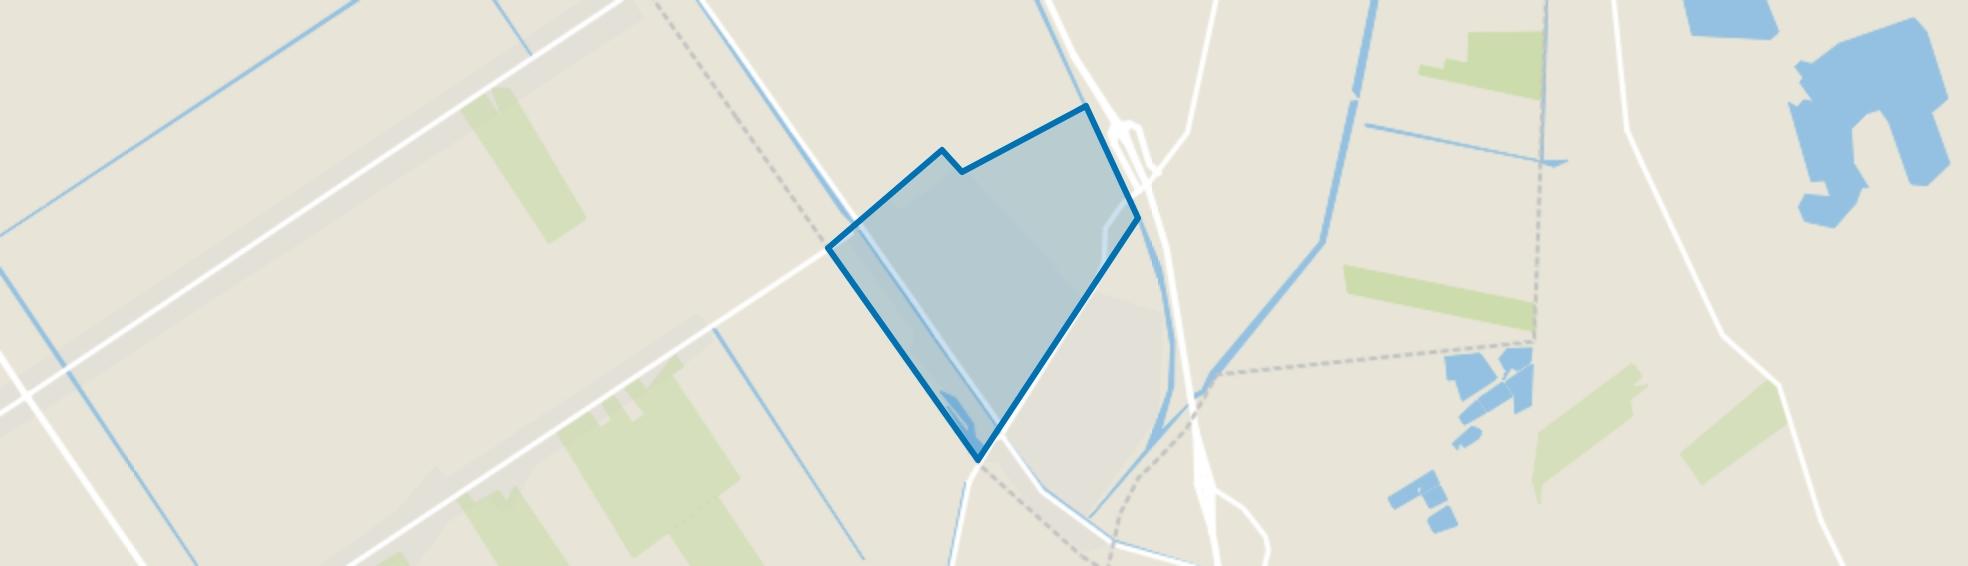 Musselkanaal Centrum, Musselkanaal map